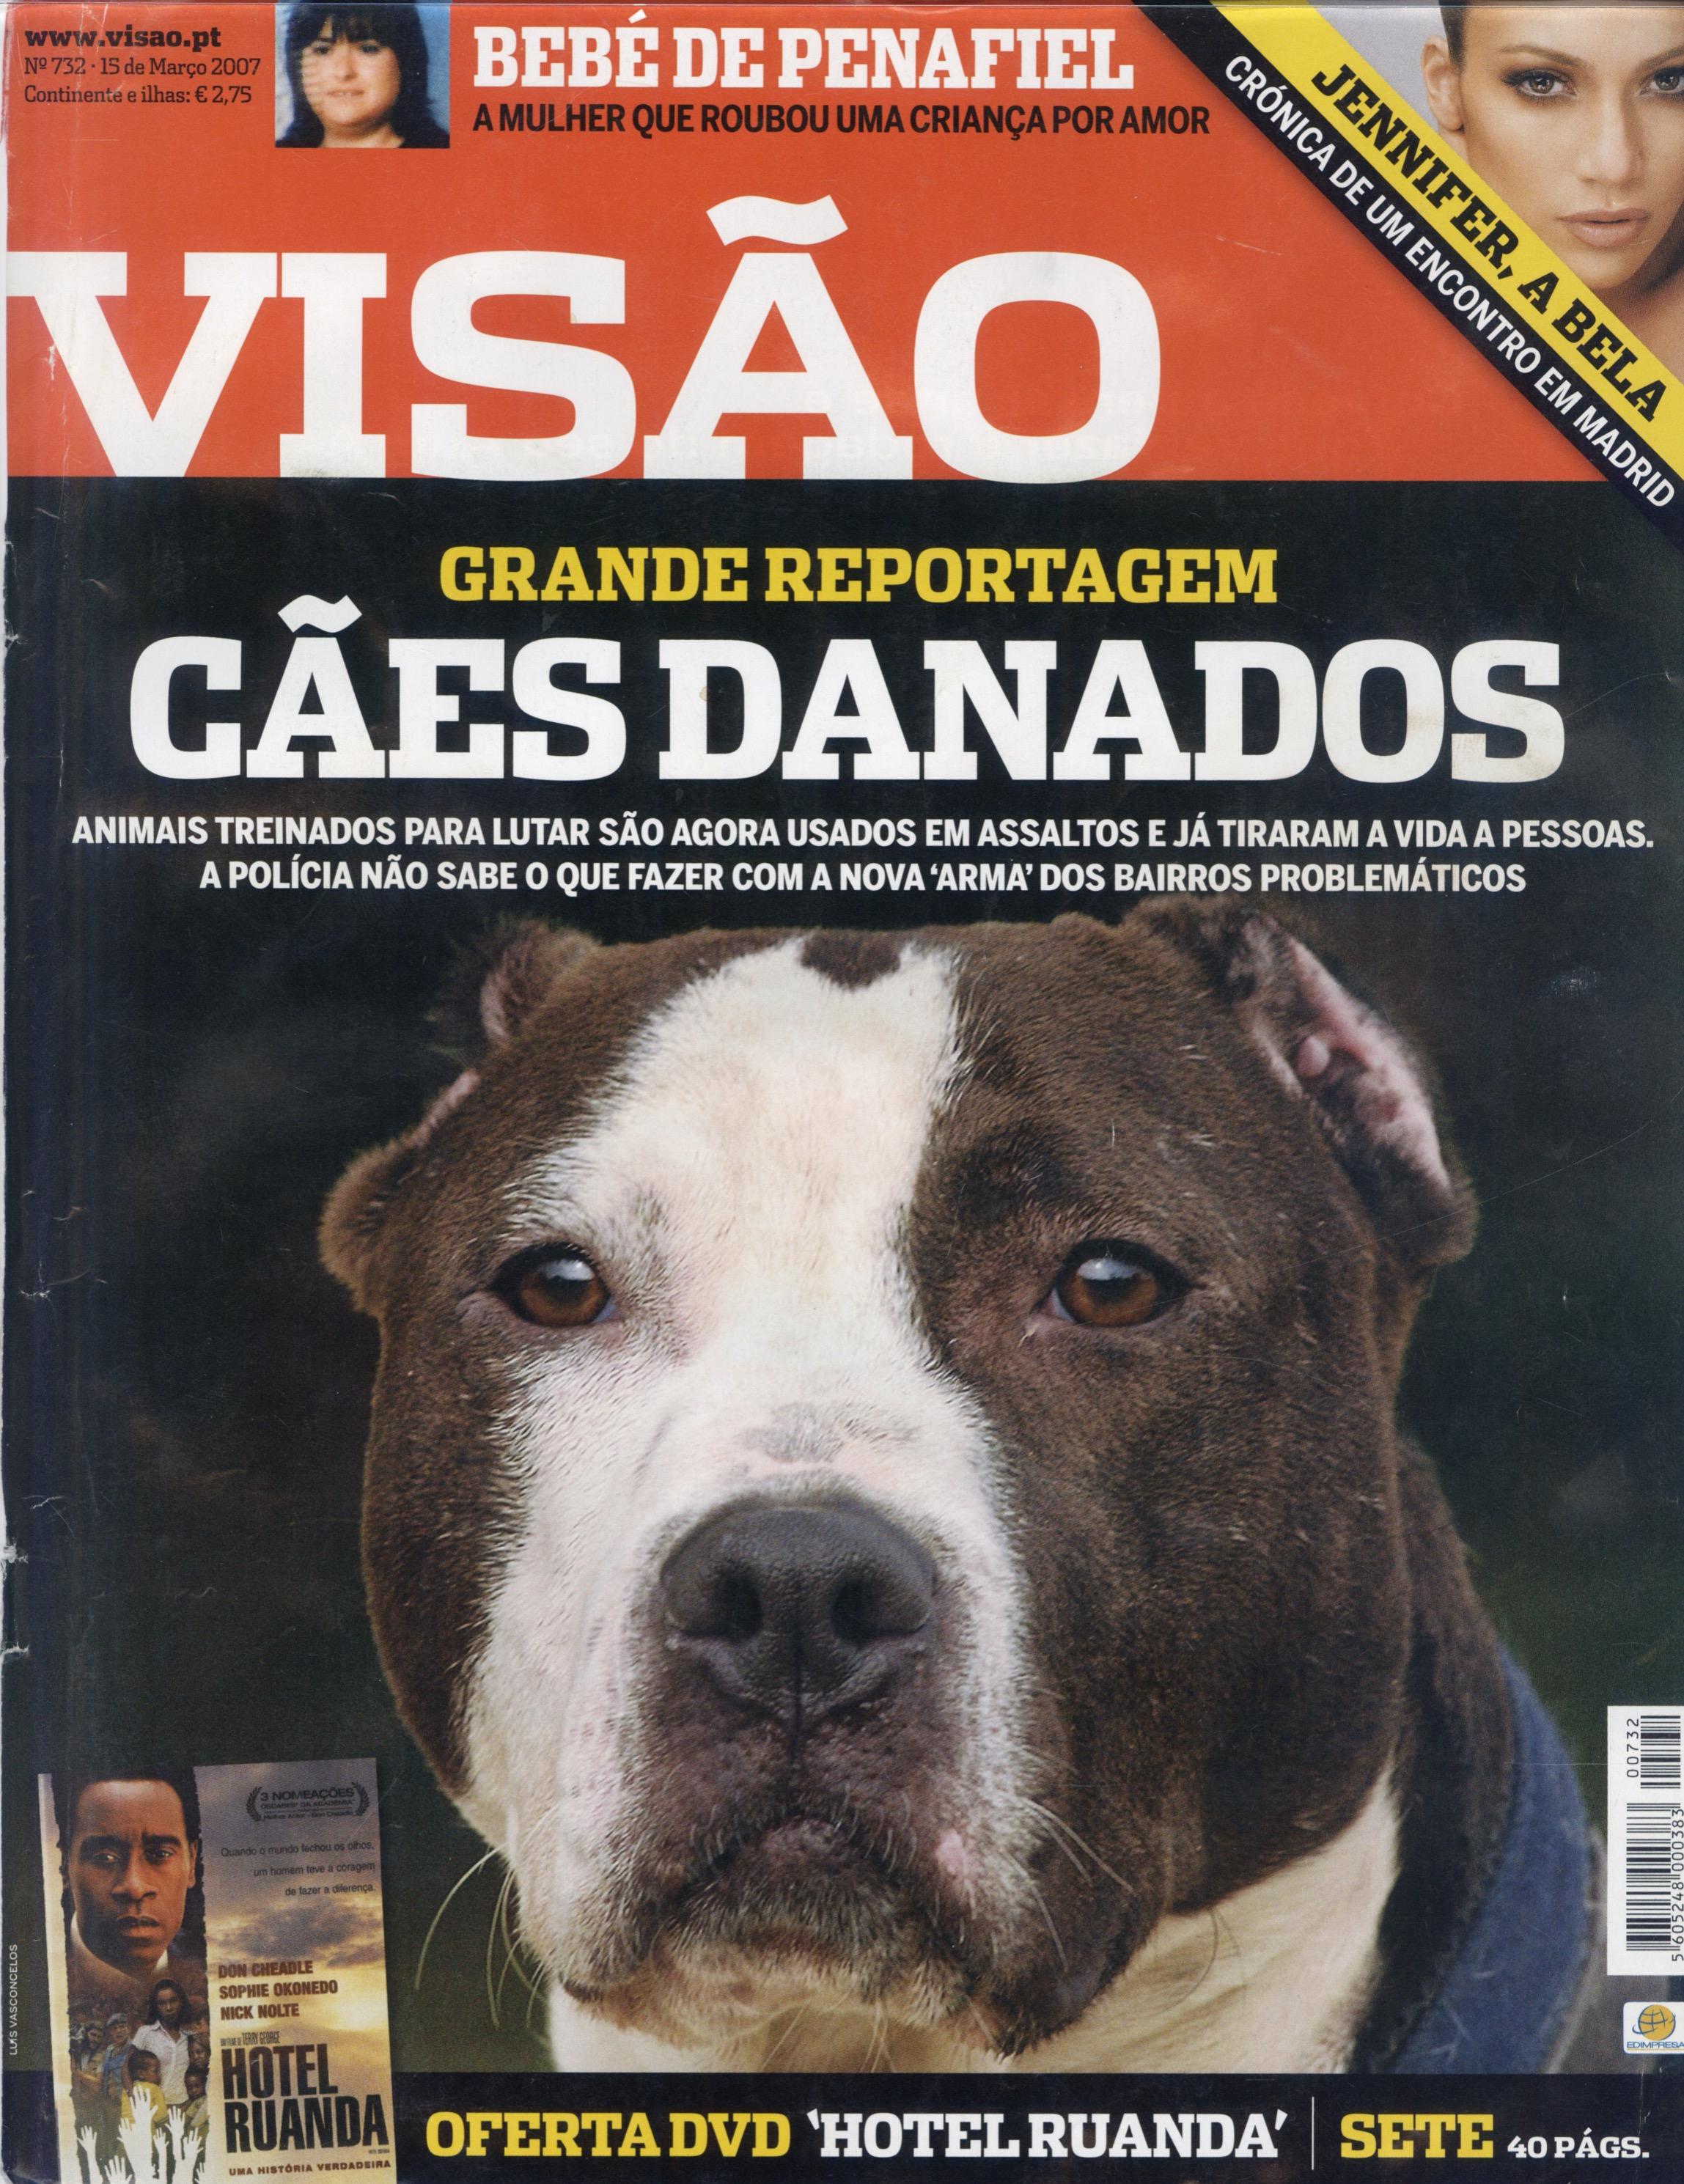 Revista Visão Pedro Remy cabeleireiro Bom cabeleireiro Melhores cabeleireiro